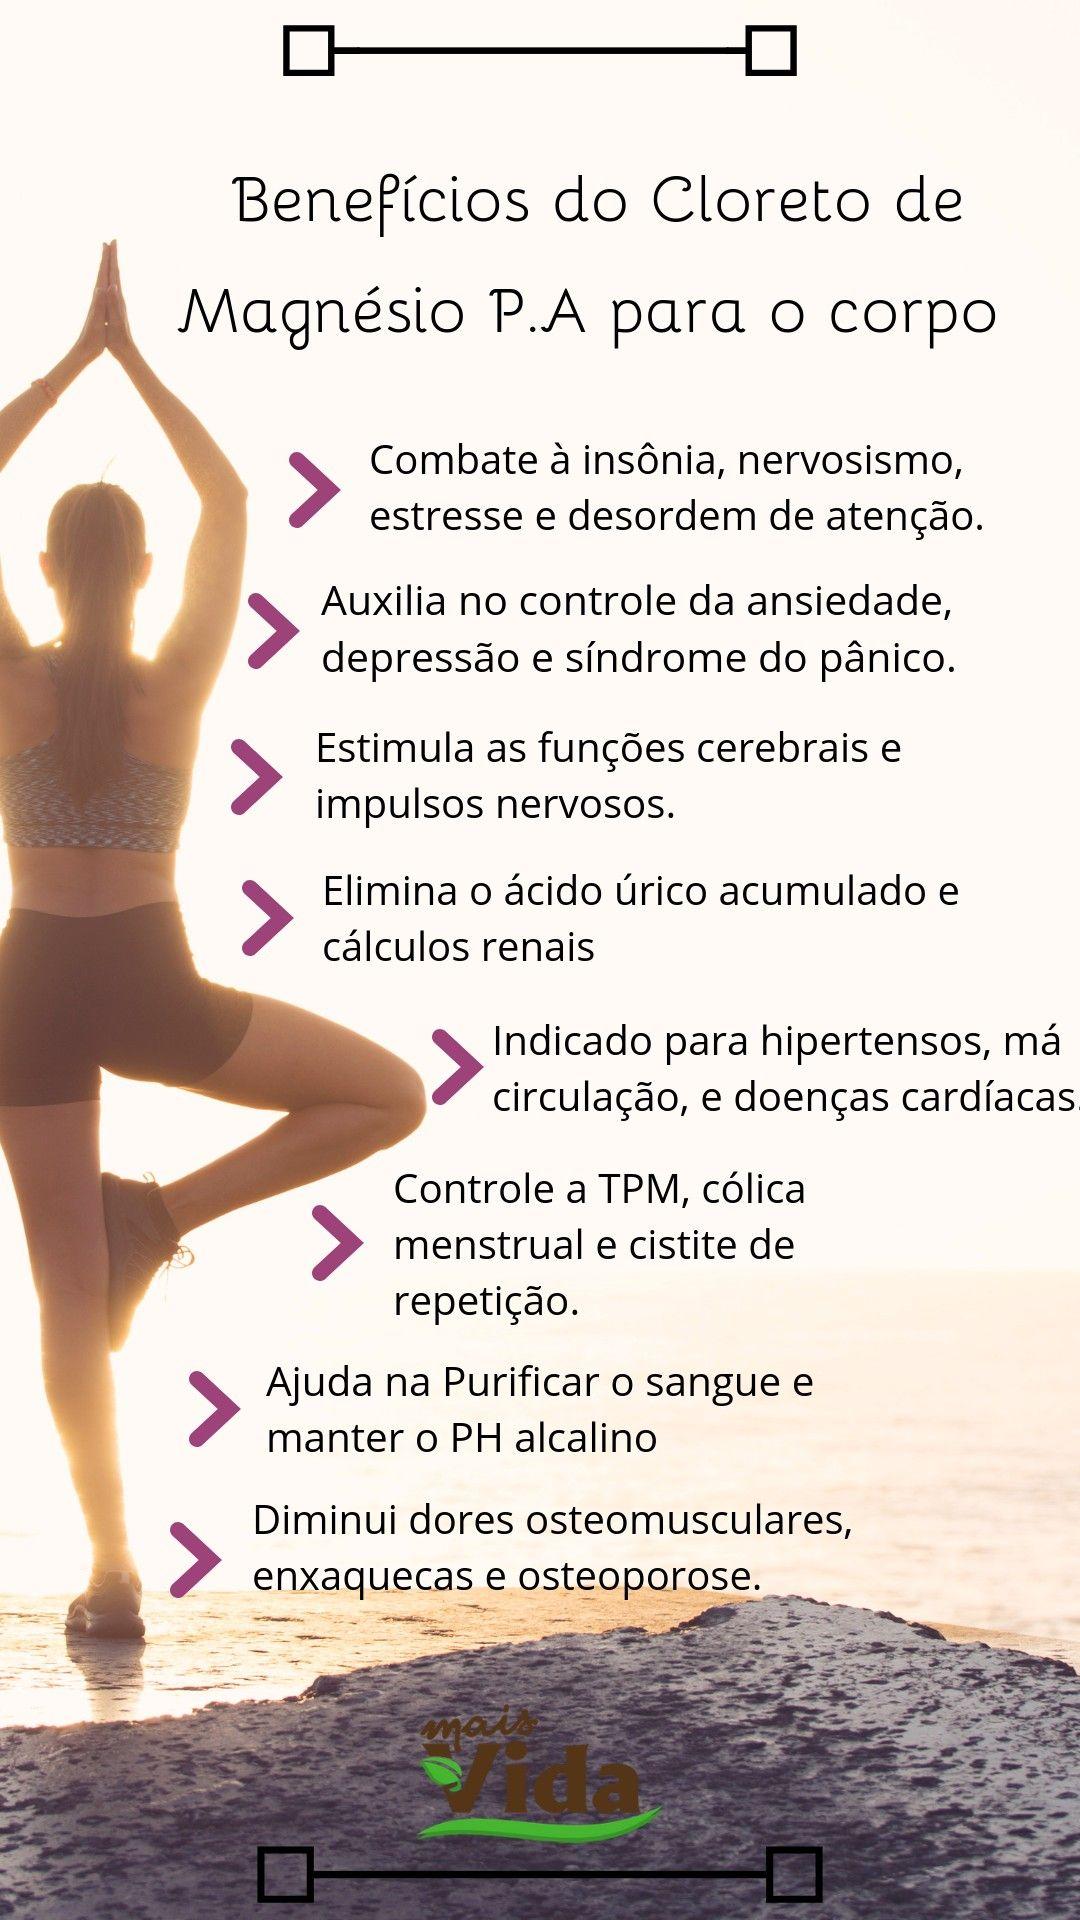 21 Benefícios Do Cloreto De Magnésio Beneficios Do Cloreto De Magnesio P A Para O Corpo